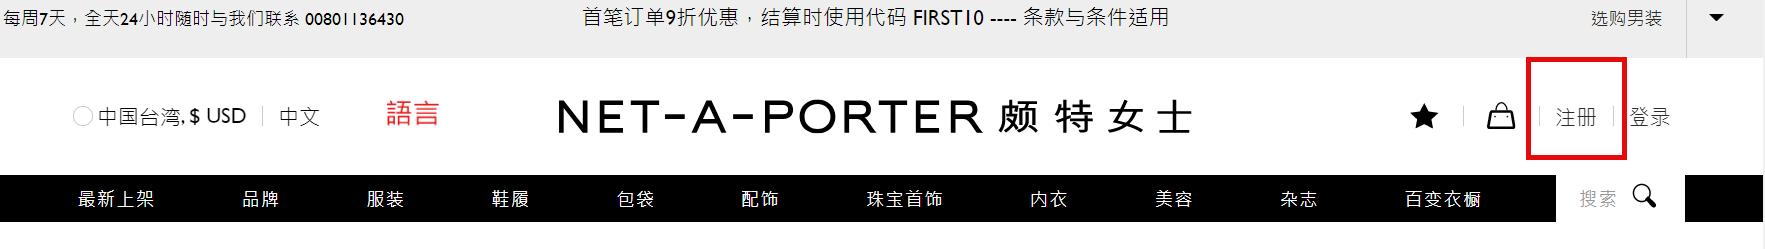 net a porter 註冊